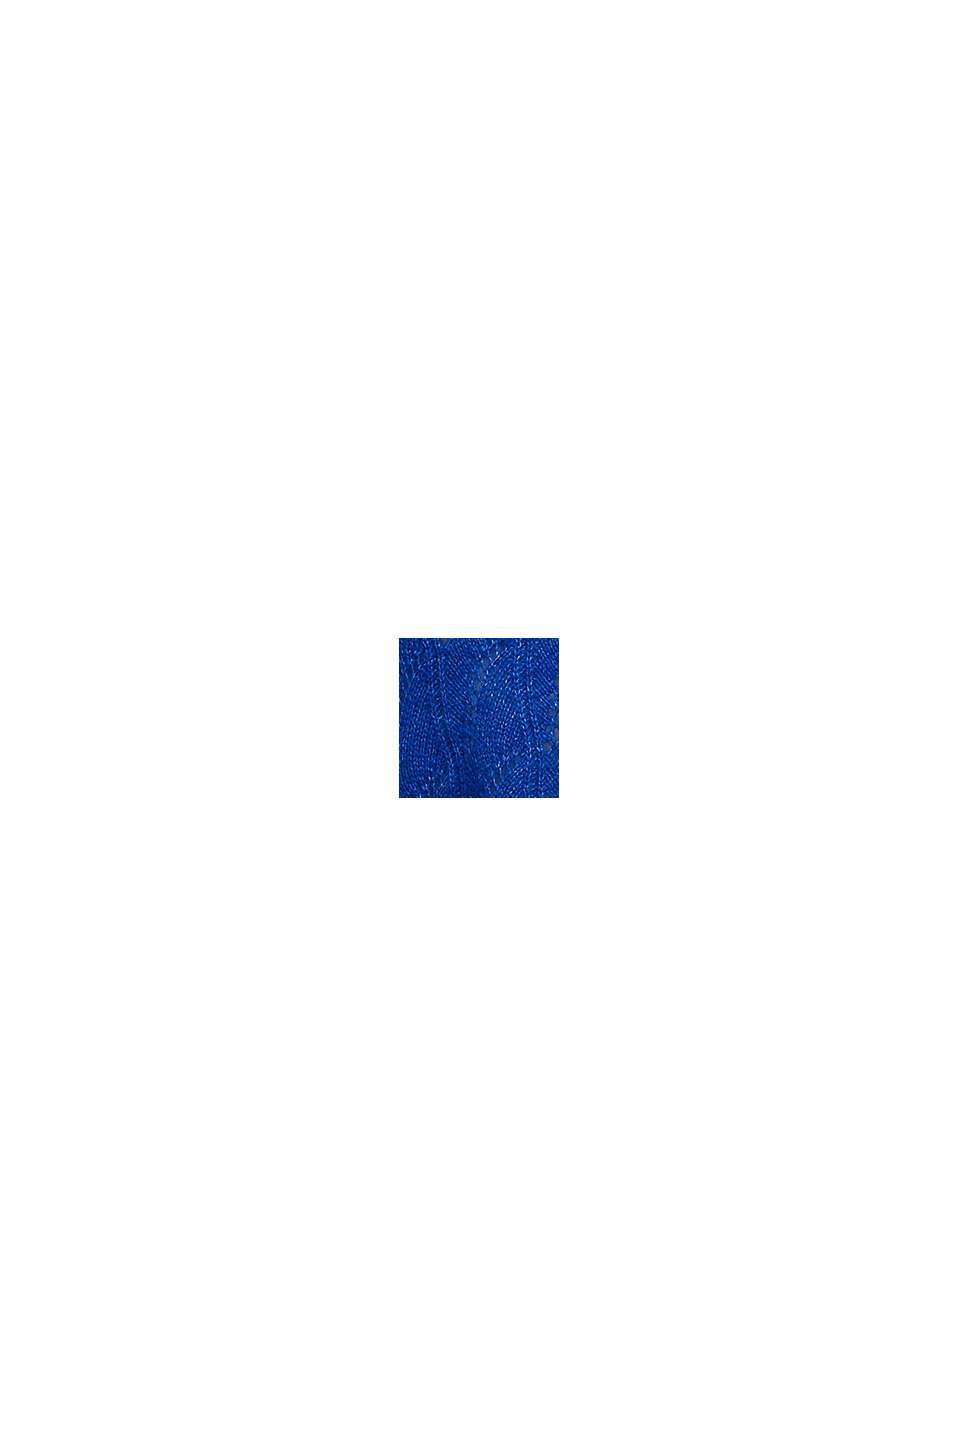 À teneur en laine et alpaga: pull-over ajouré, BRIGHT BLUE, swatch